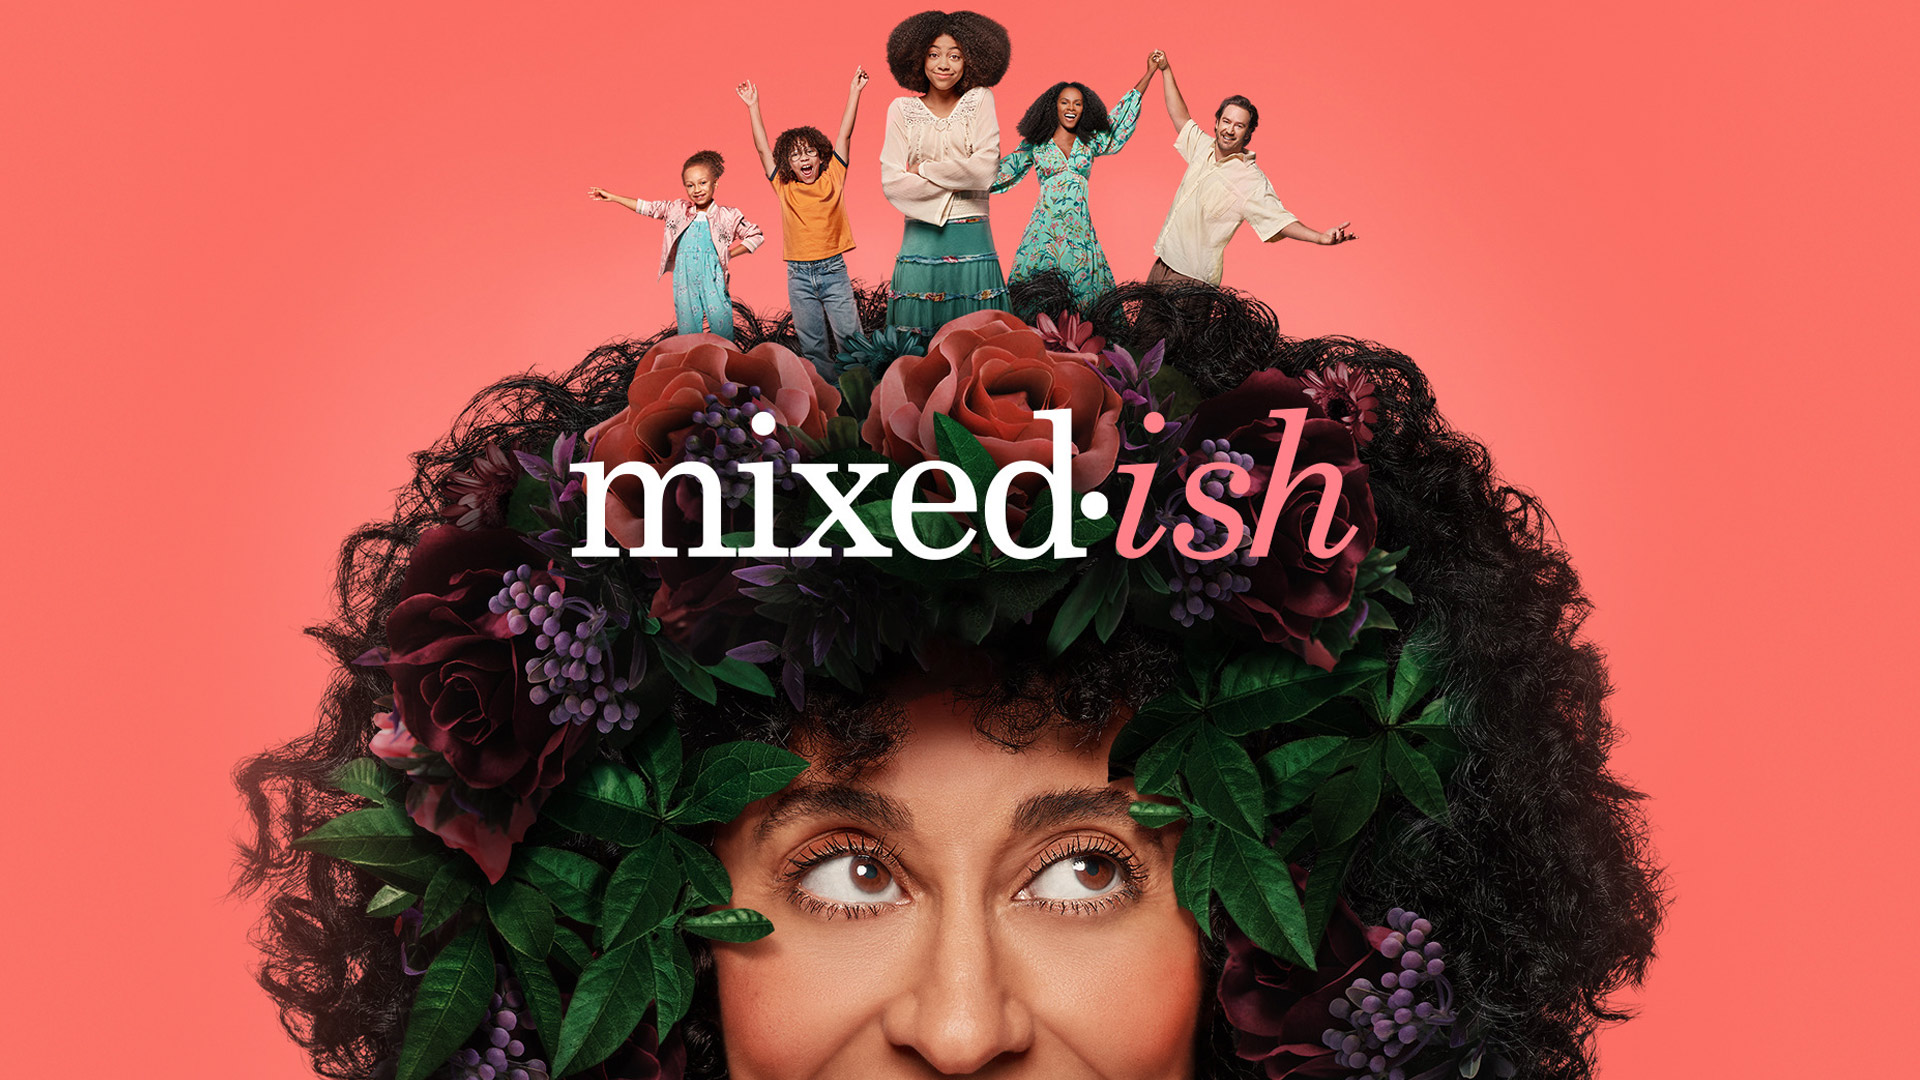 mixed-ish Season 1